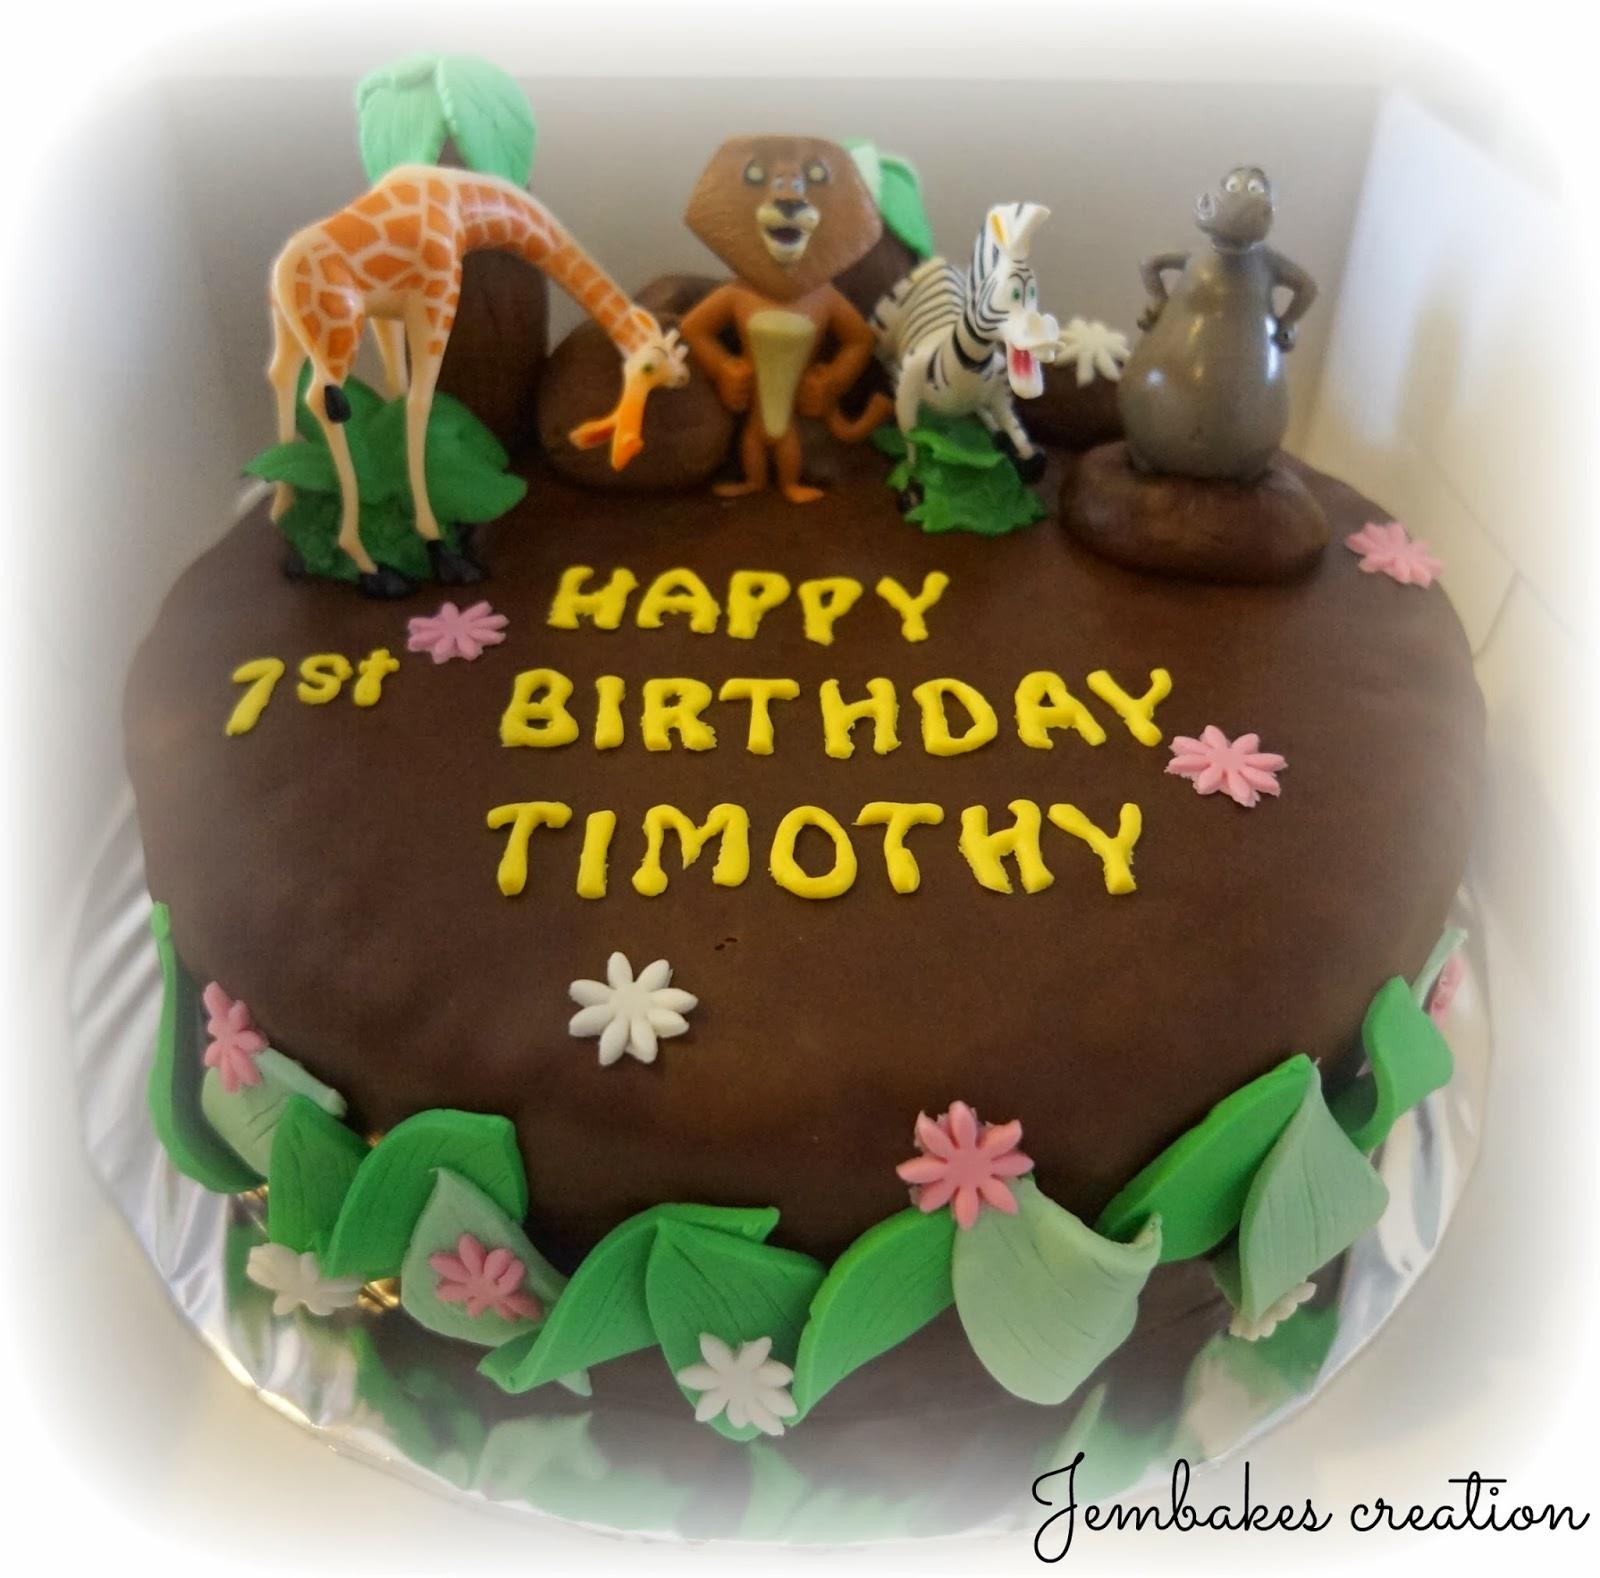 Happy Birthday Timothy Cake